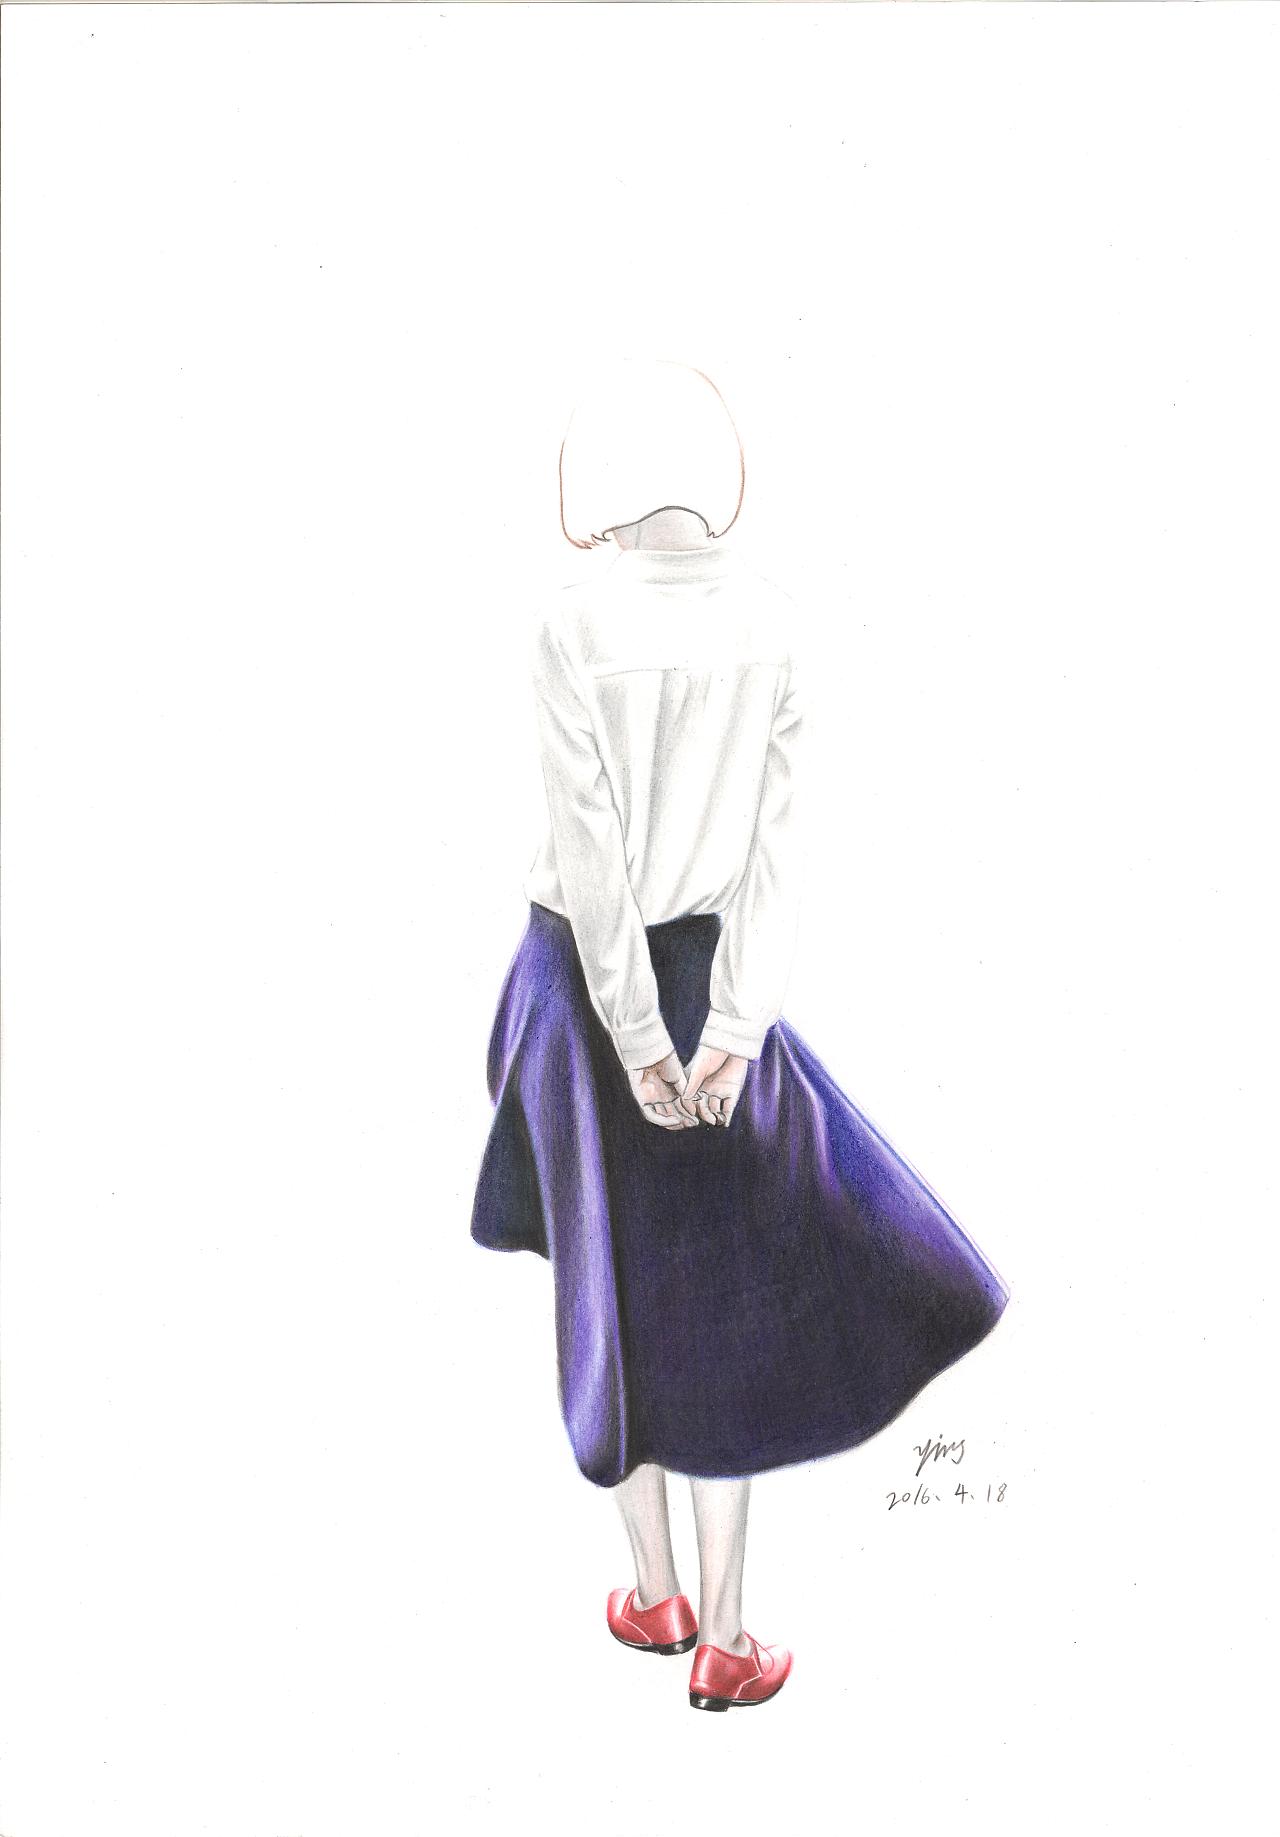 背影系列|纯艺术|彩铅|ying先生 - 原创作品 - 站酷